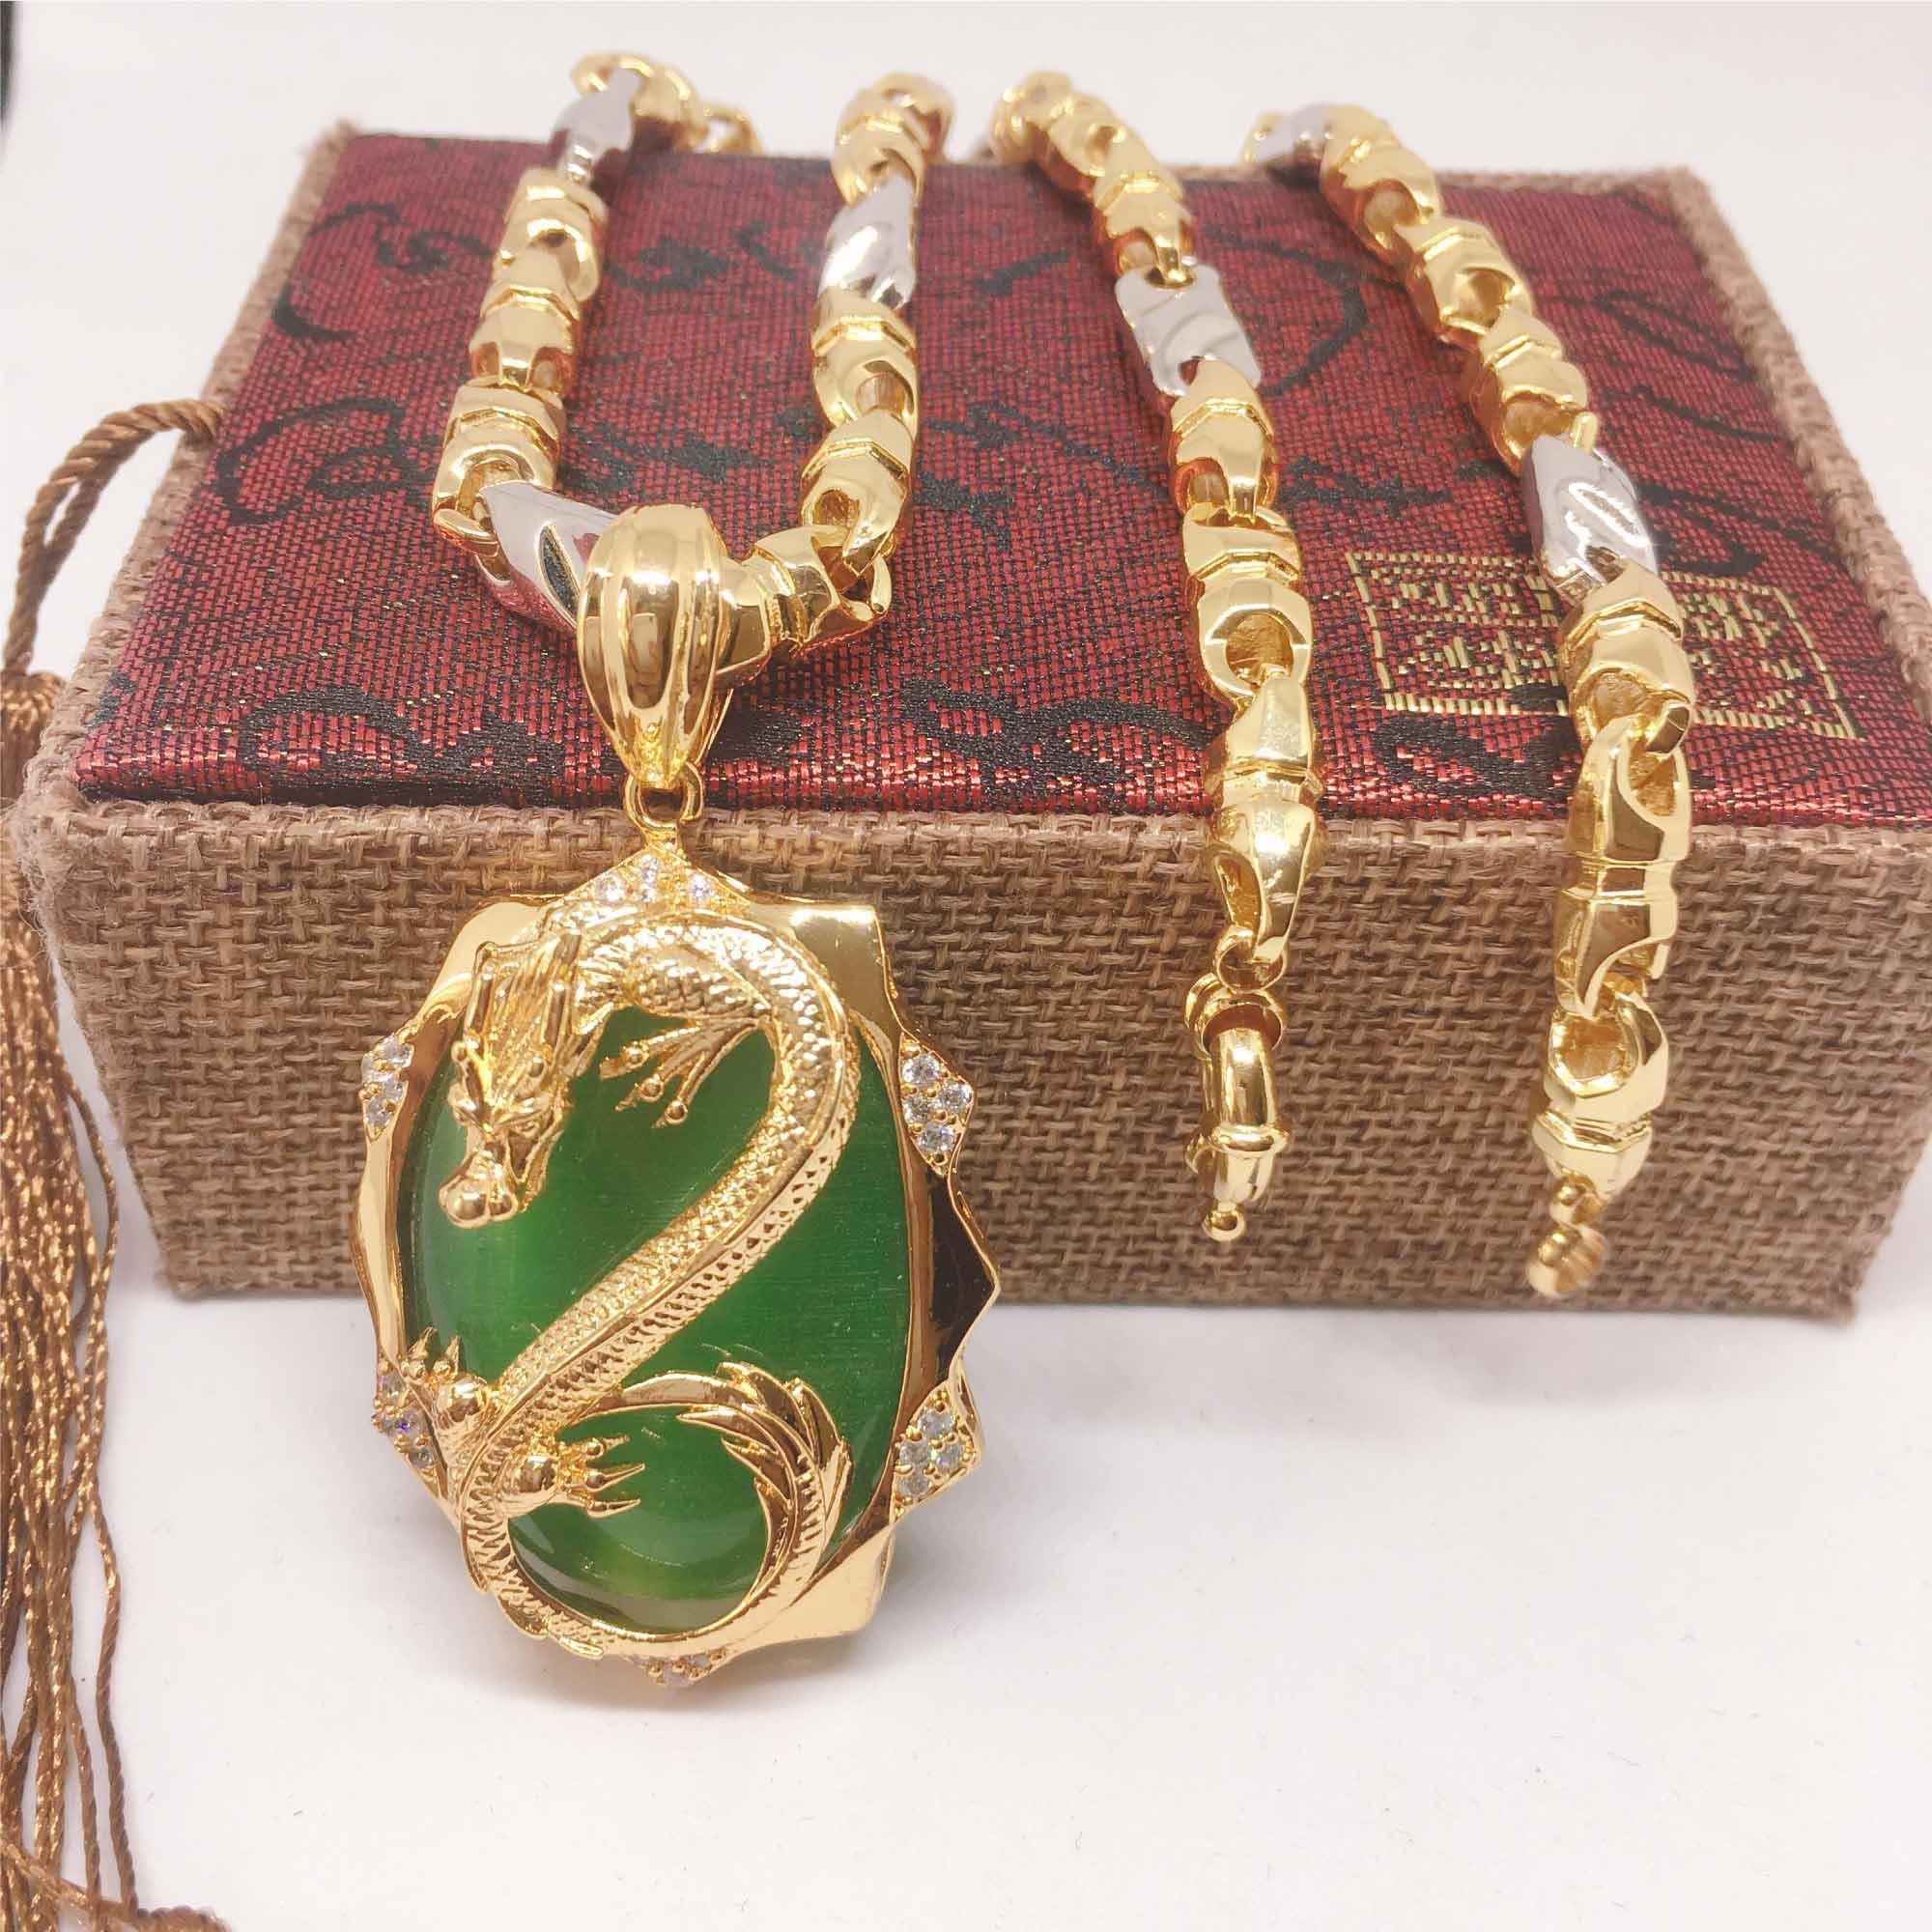 Dây chuyền vàng thiên long đá xanh nam, vòng cổ vàng nam Vàng cao cấp, Bảo tín Jewelry